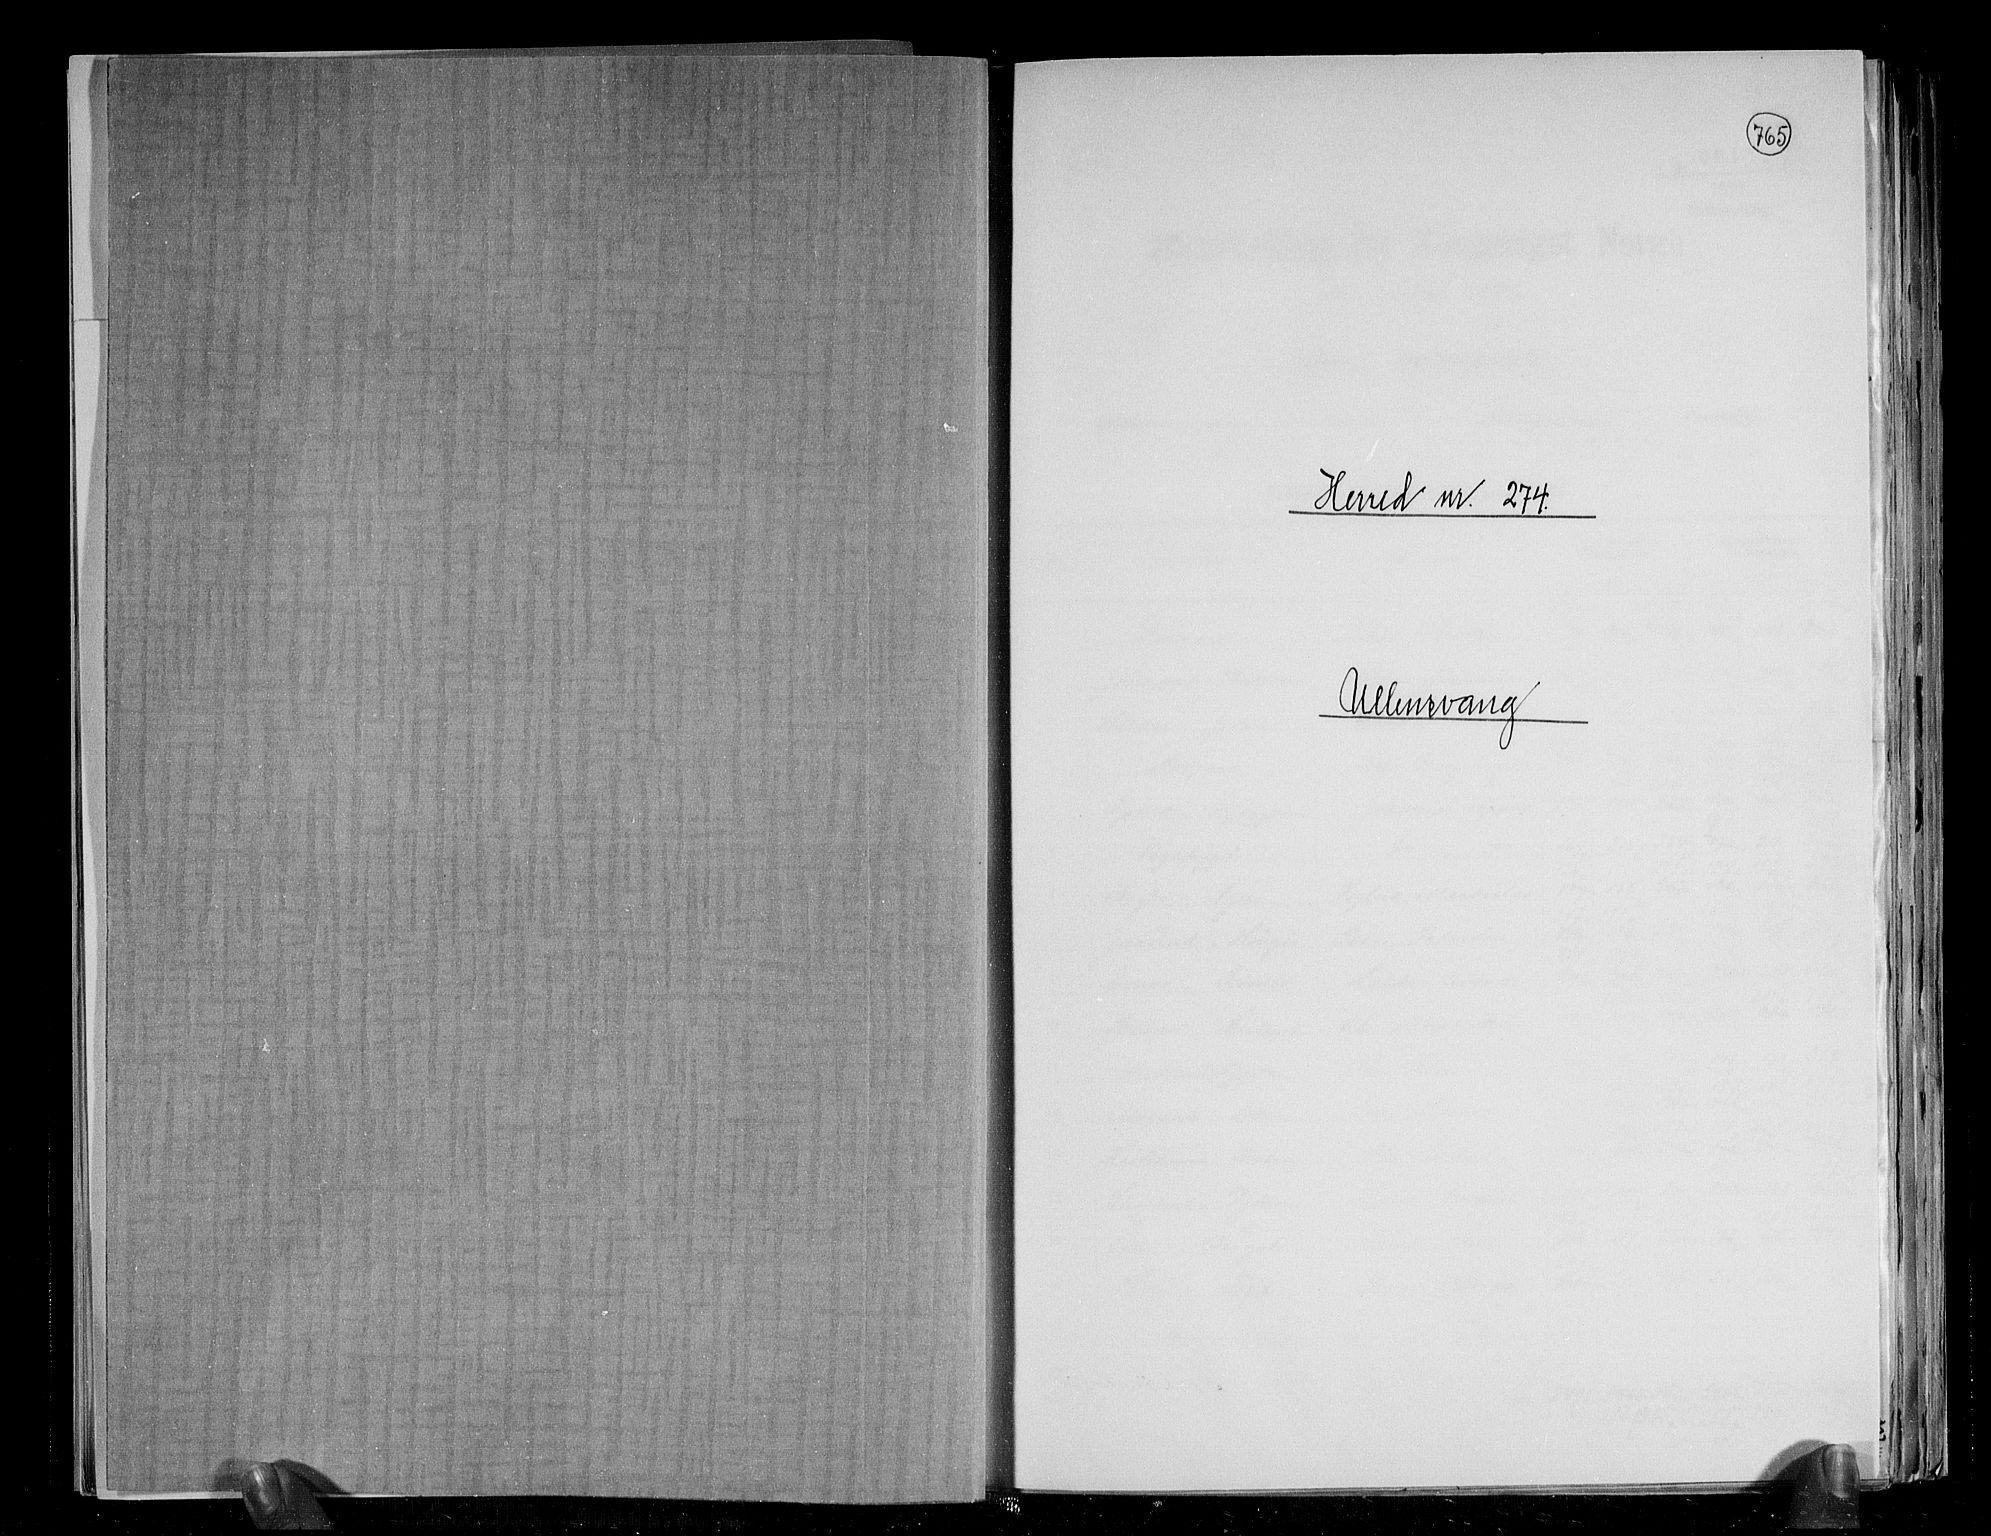 RA, Folketelling 1891 for 1230 Ullensvang herred, 1891, s. 1